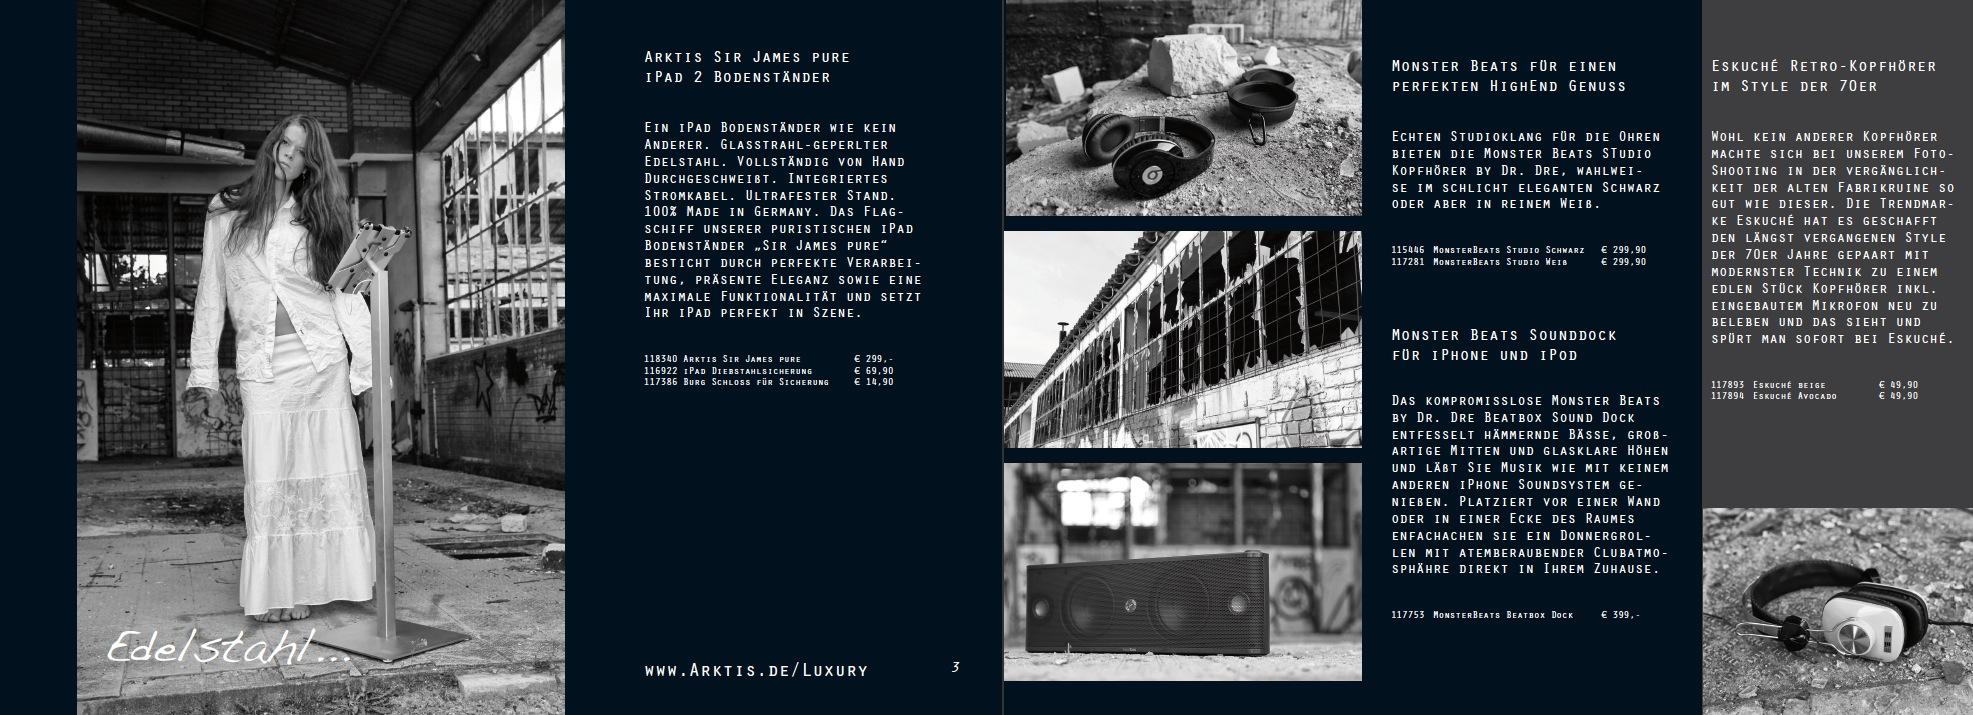 Jetzt gratis den neuen Arktis Luxury Katalog als PDF laden.